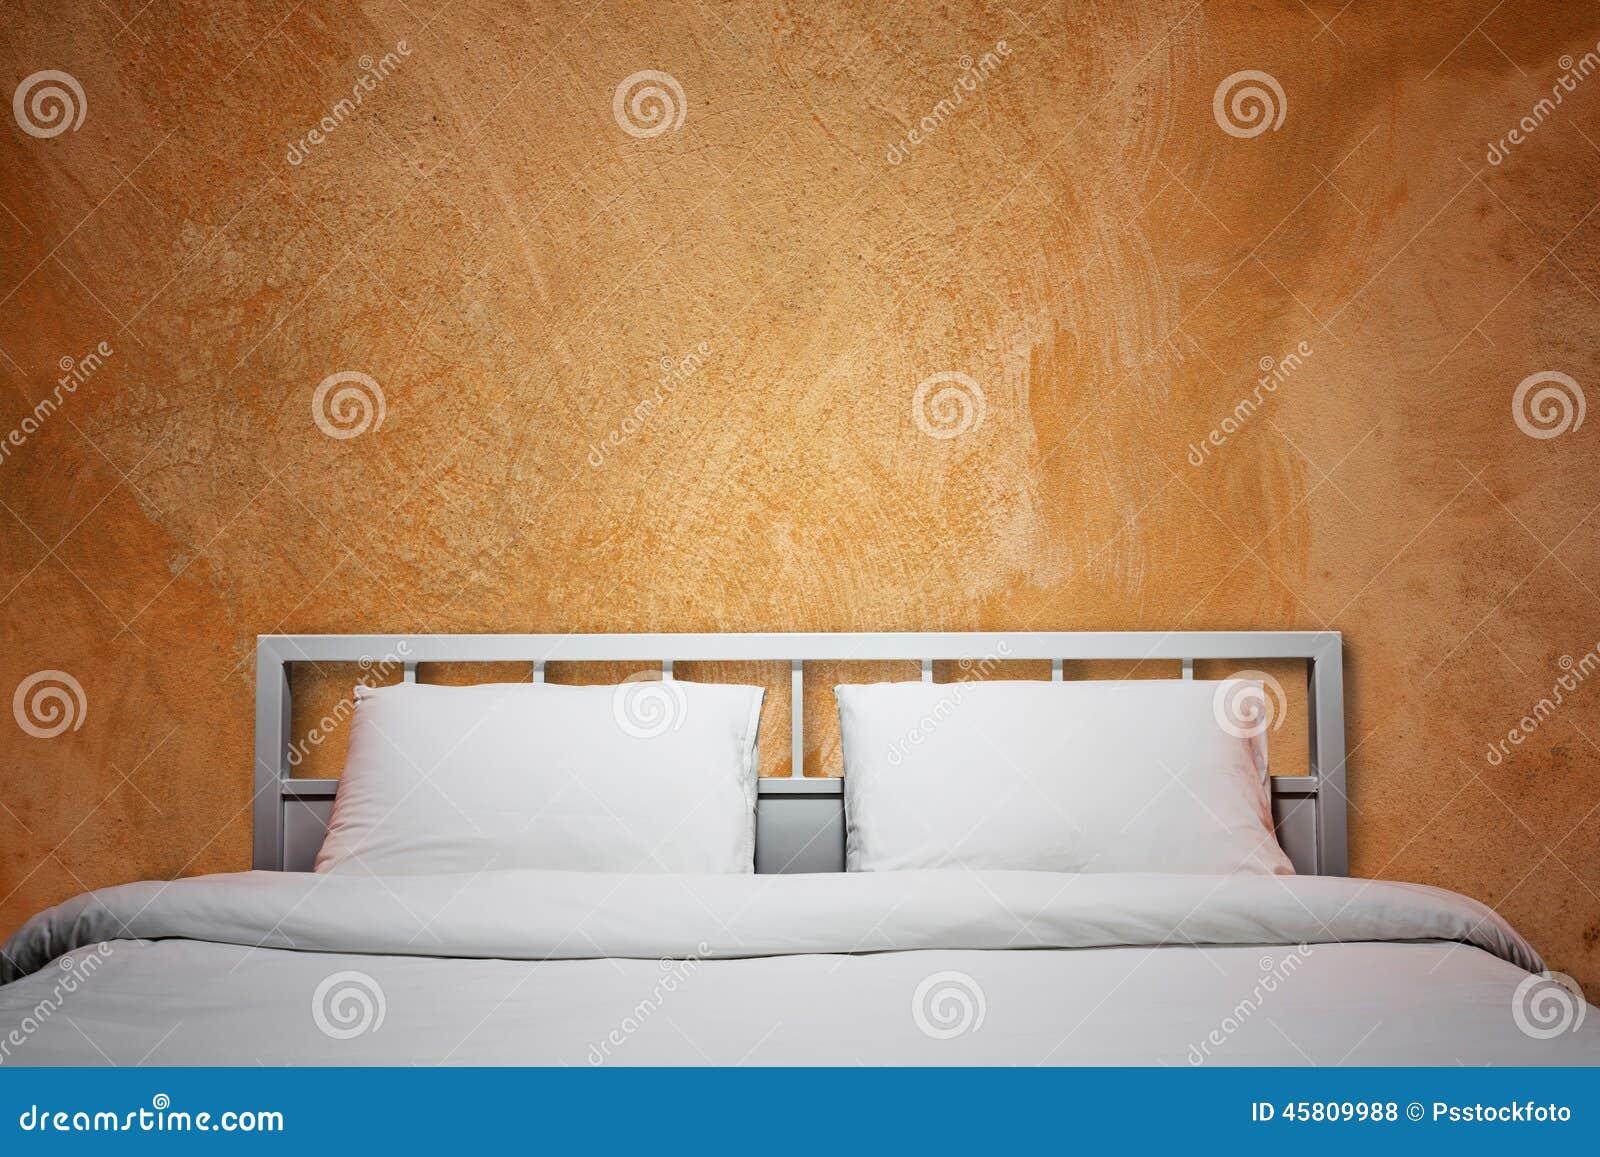 Camera da letto arancione fotografia stock. Immagine di base ...